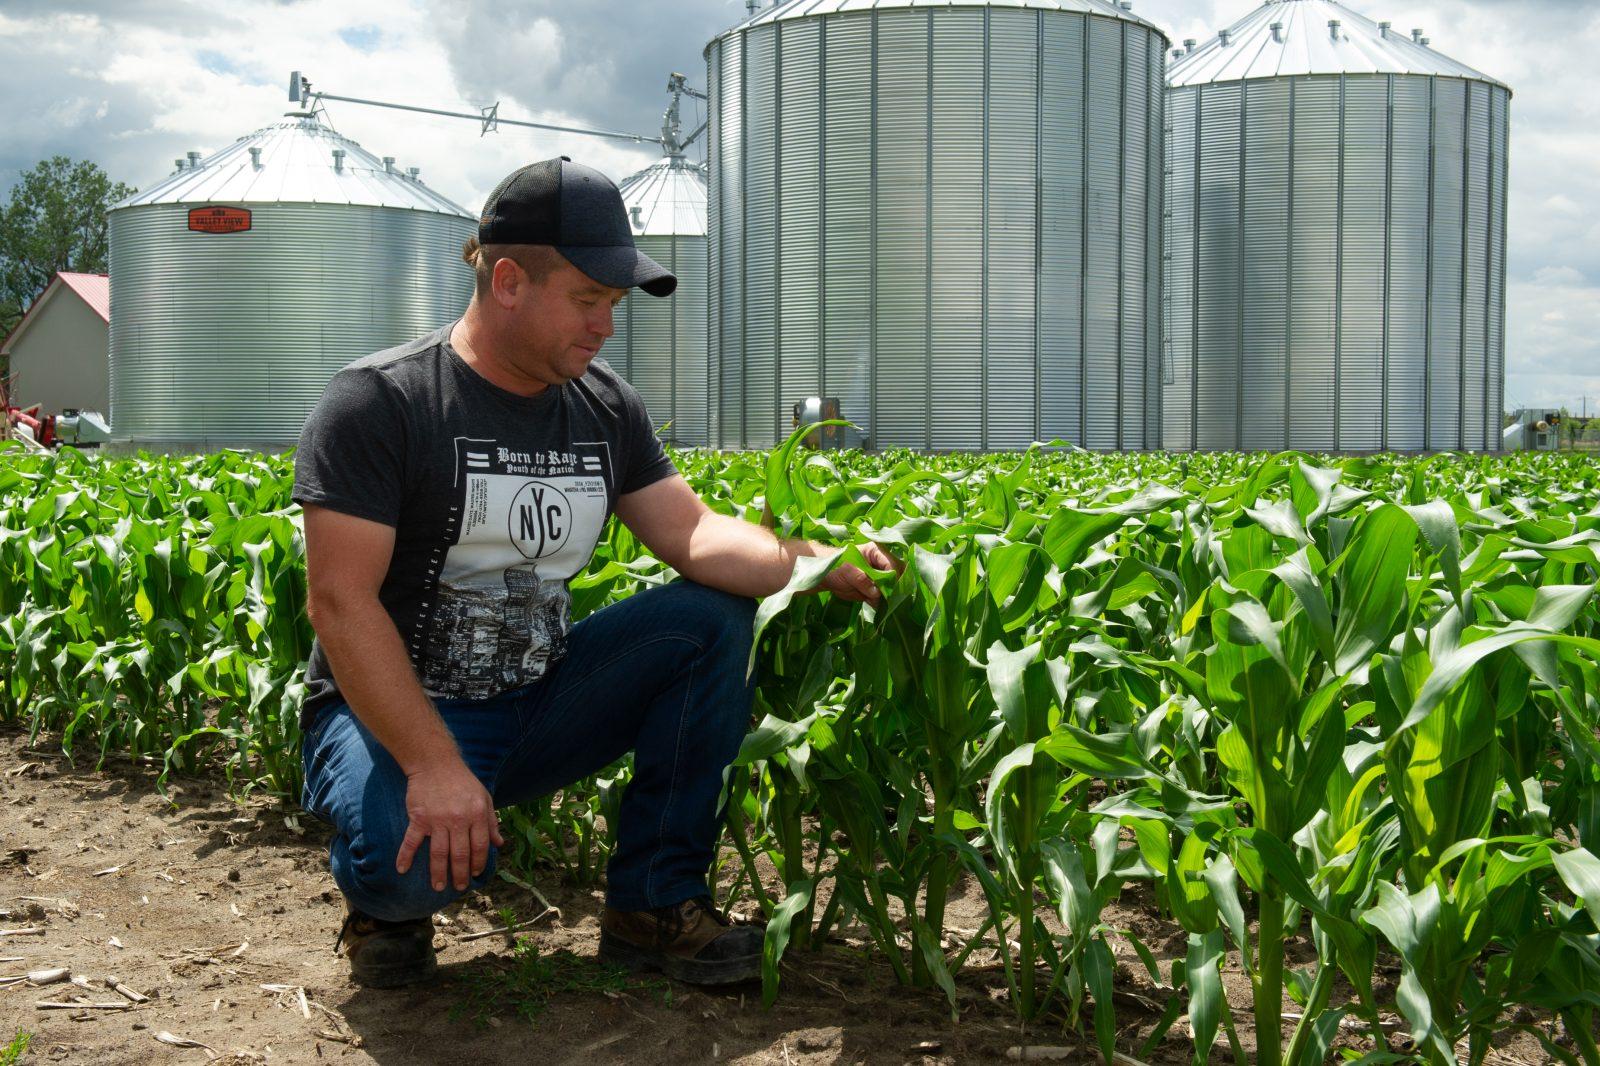 Les températures extrêmes affectent les agriculteurs